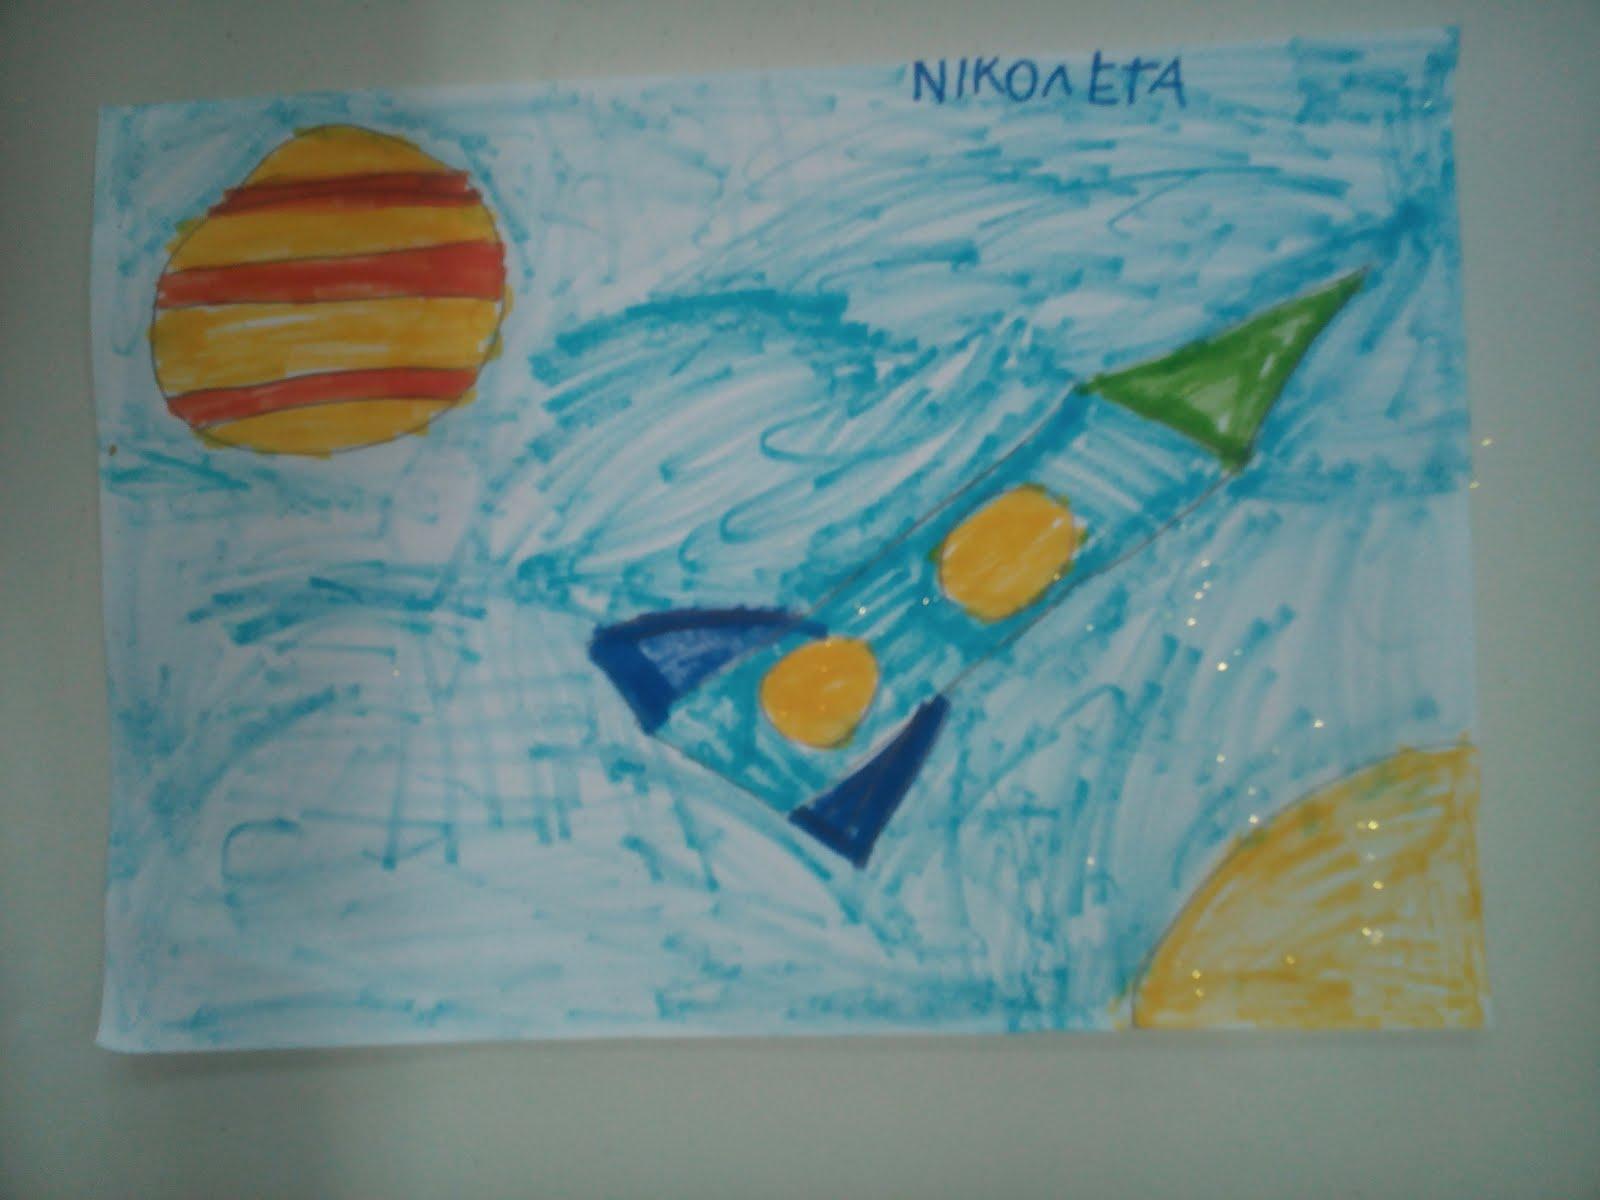 Φανταστικό ταξίδι στο διάστημα...